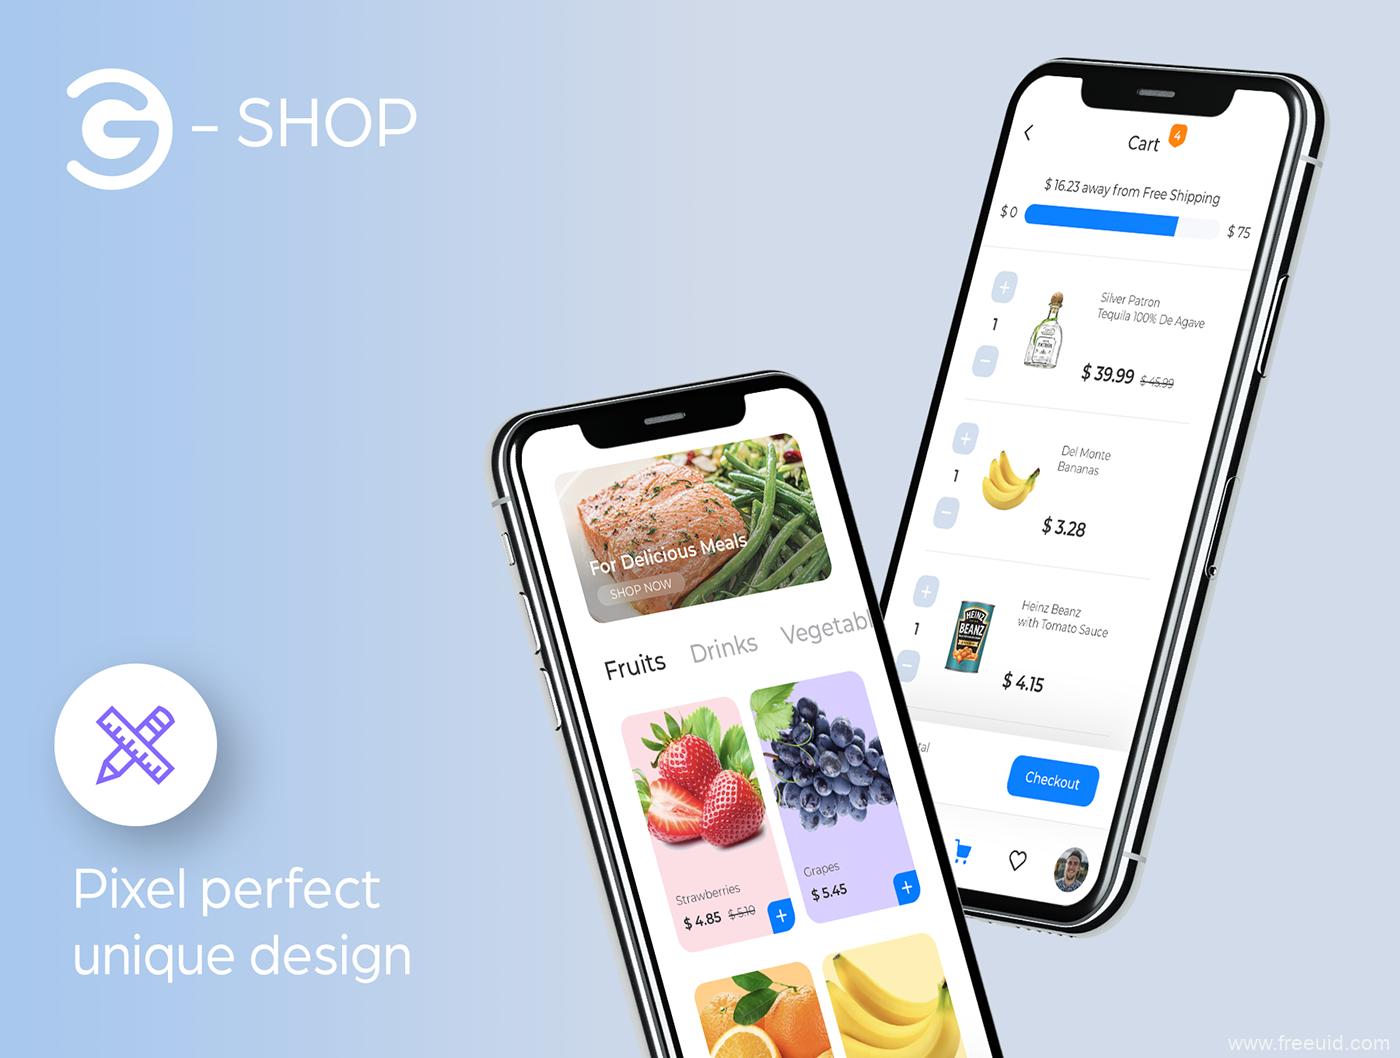 新零售电商app UI ikt套装下载,社区电商UI源文件下载,买菜app,零售电商app UI资源下载sketch、figma源文件